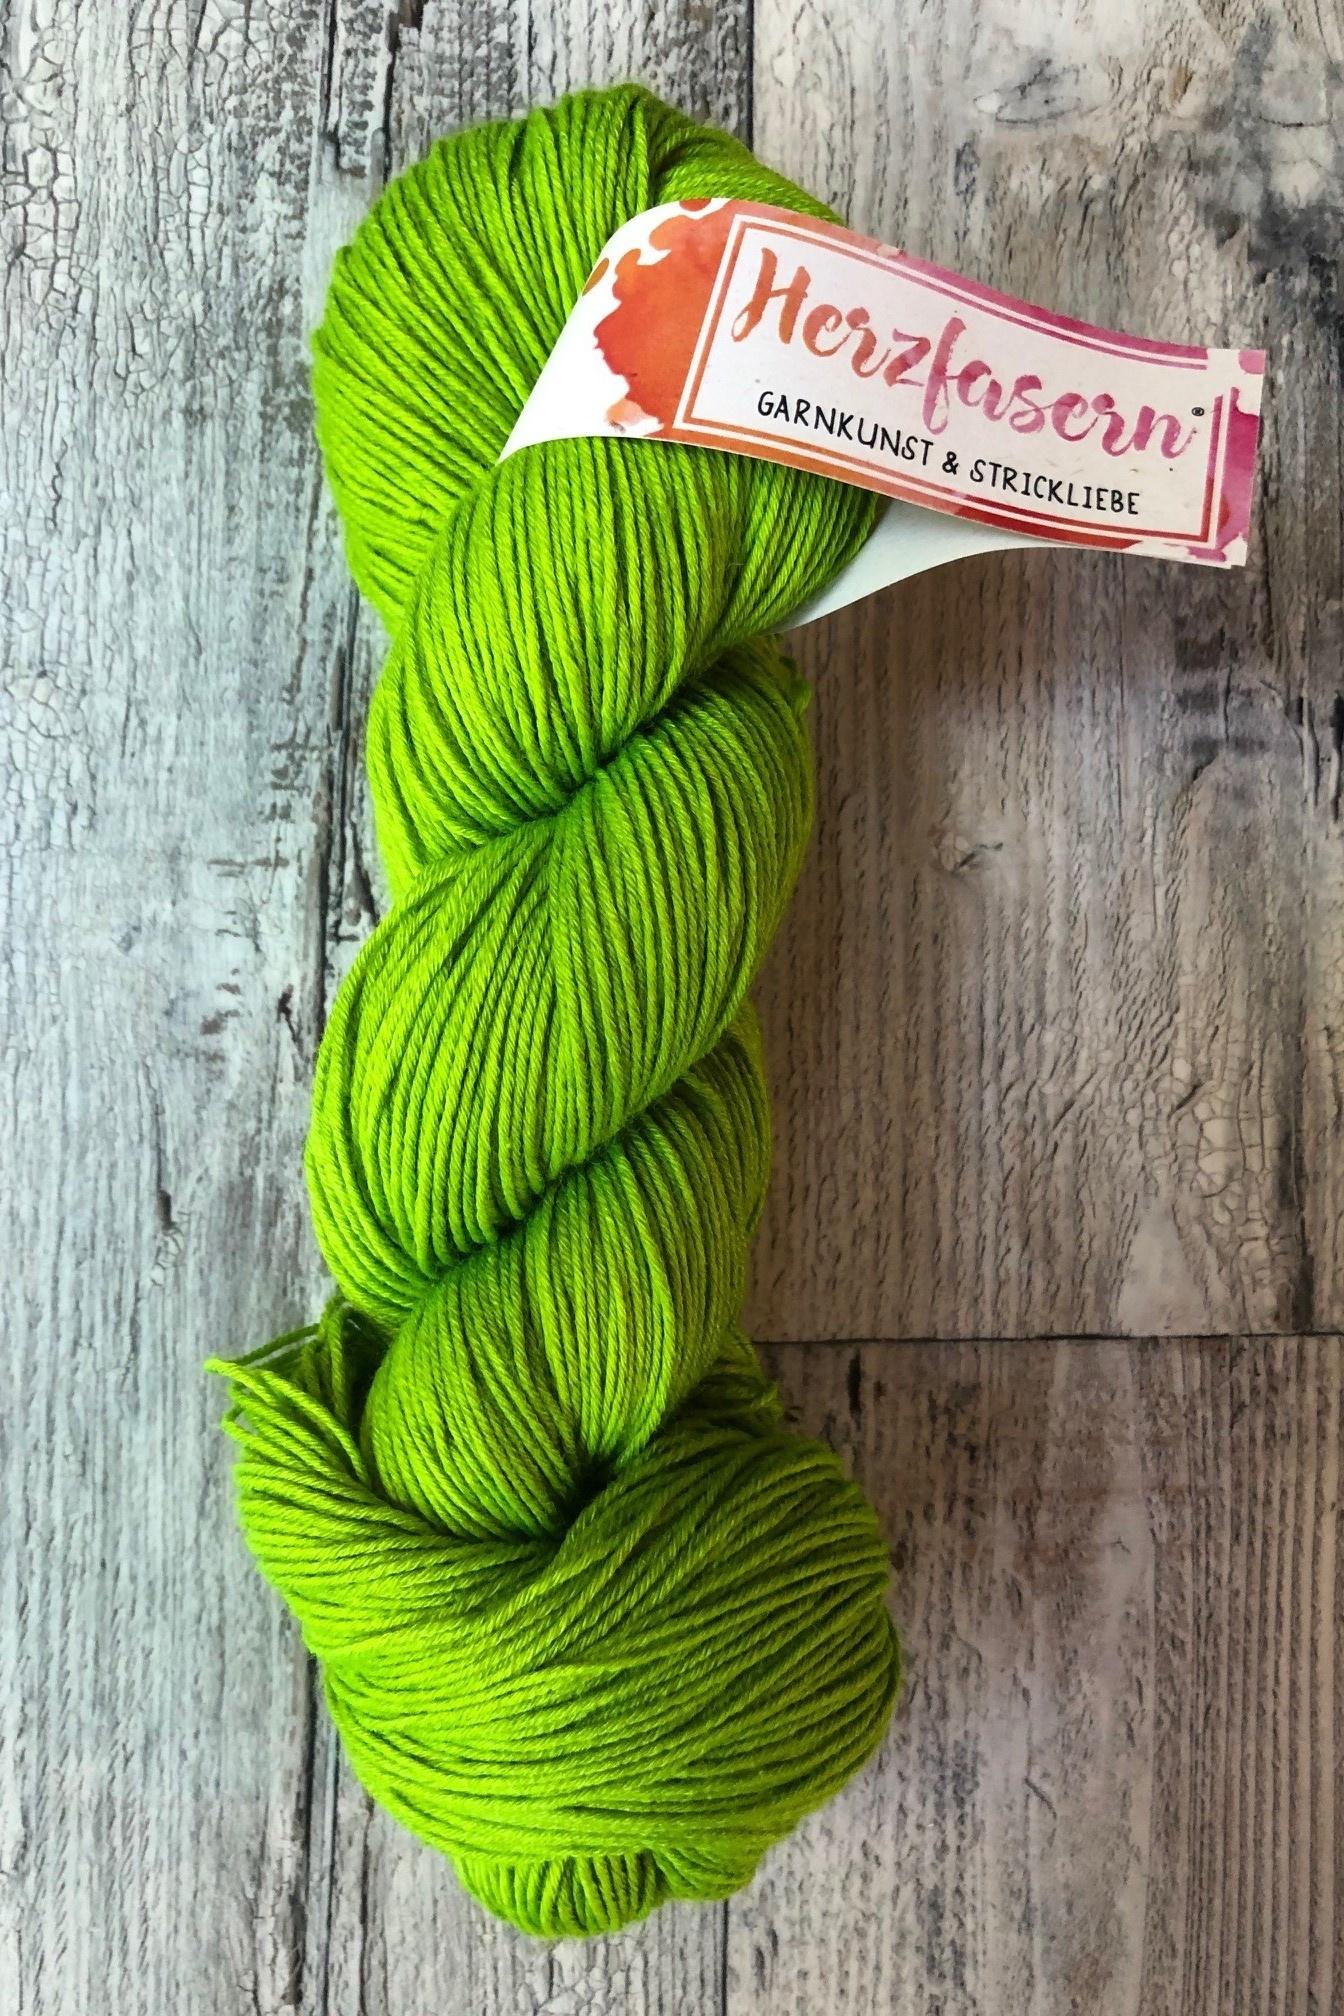 Merino/Seide - Einfach grün